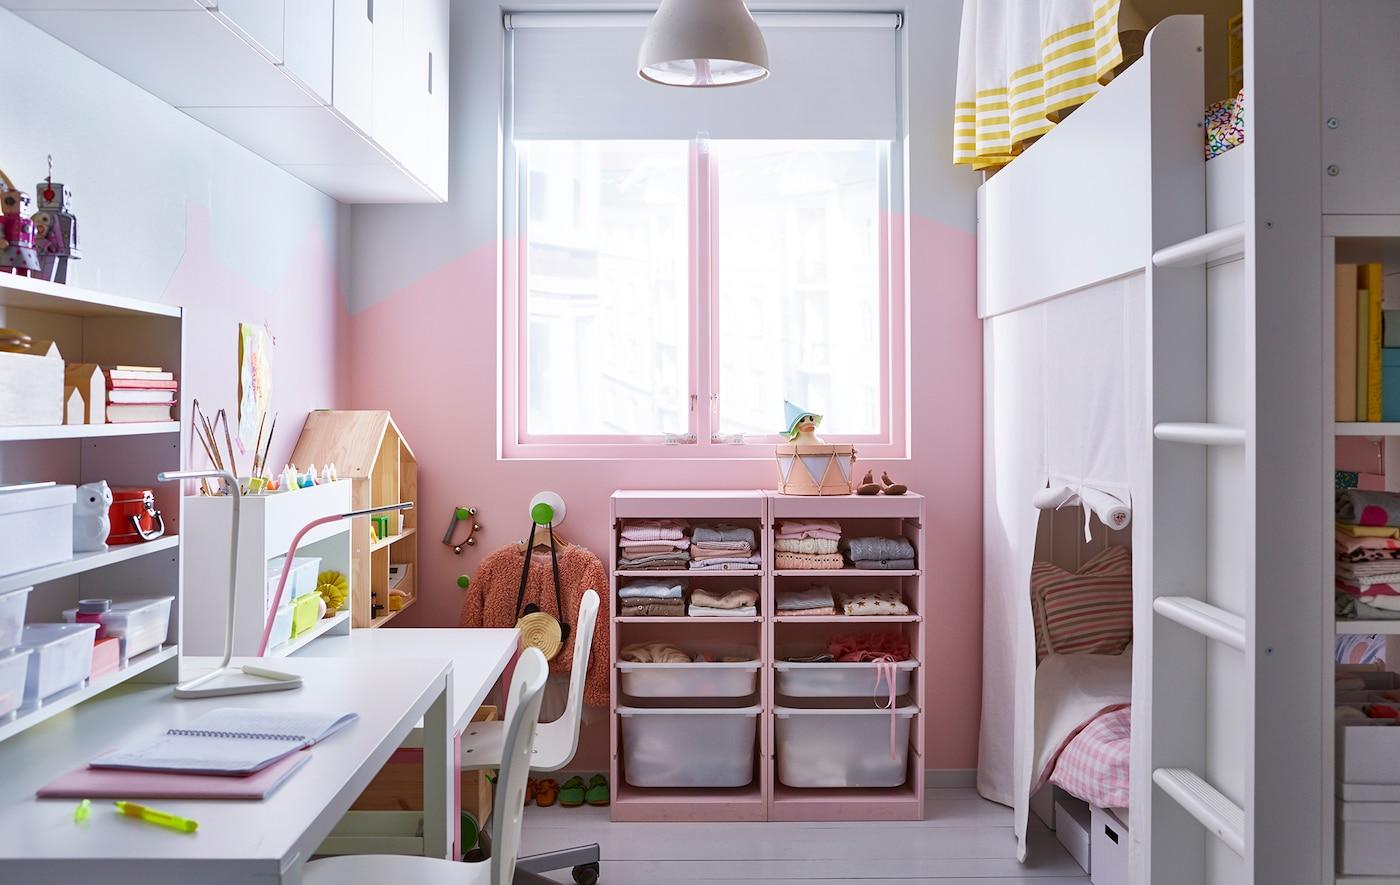 Etagenbett Kleines Kinderzimmer : Kleines kinderzimmer einrichten ideen ikea